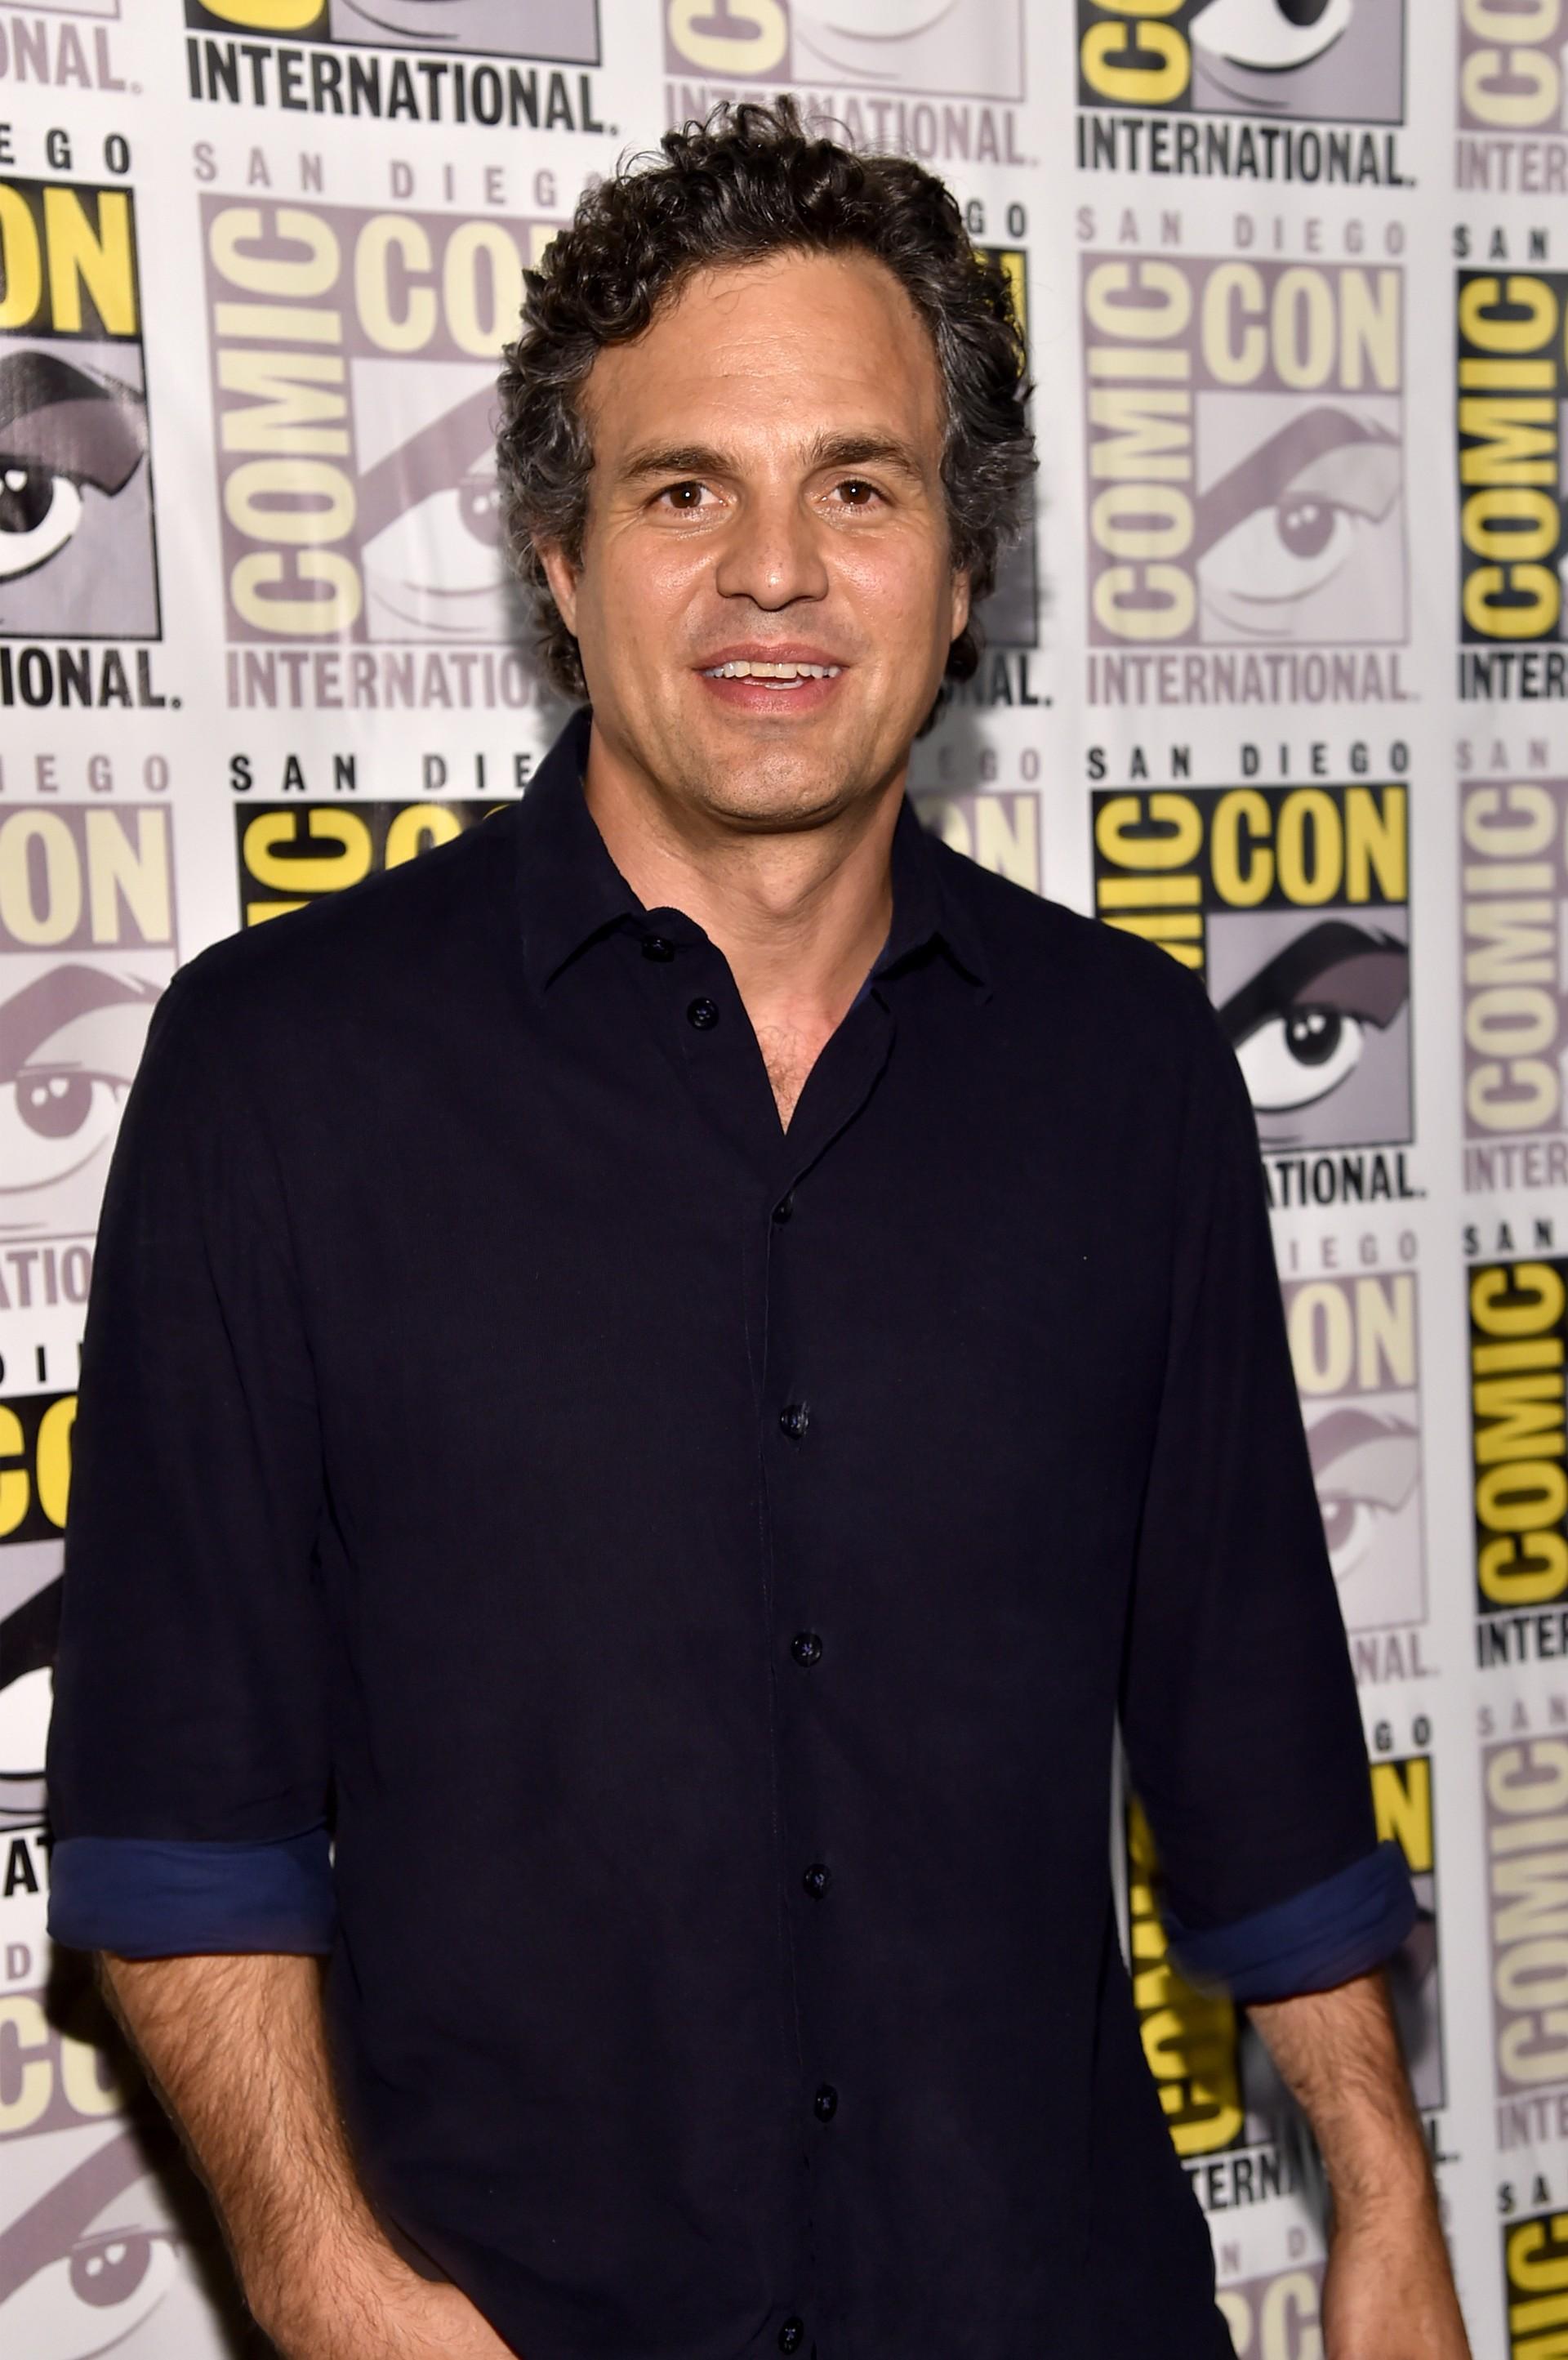 O ator de comédias românticas como 'De Repente 30' (2004) e 'E Se Fosse Verdade...' (2005) e atualmente como Hulk na franquia de 'Os Vingadores' removeu um tumor cerebral benigno em 2002. (Foto: Getty Images)